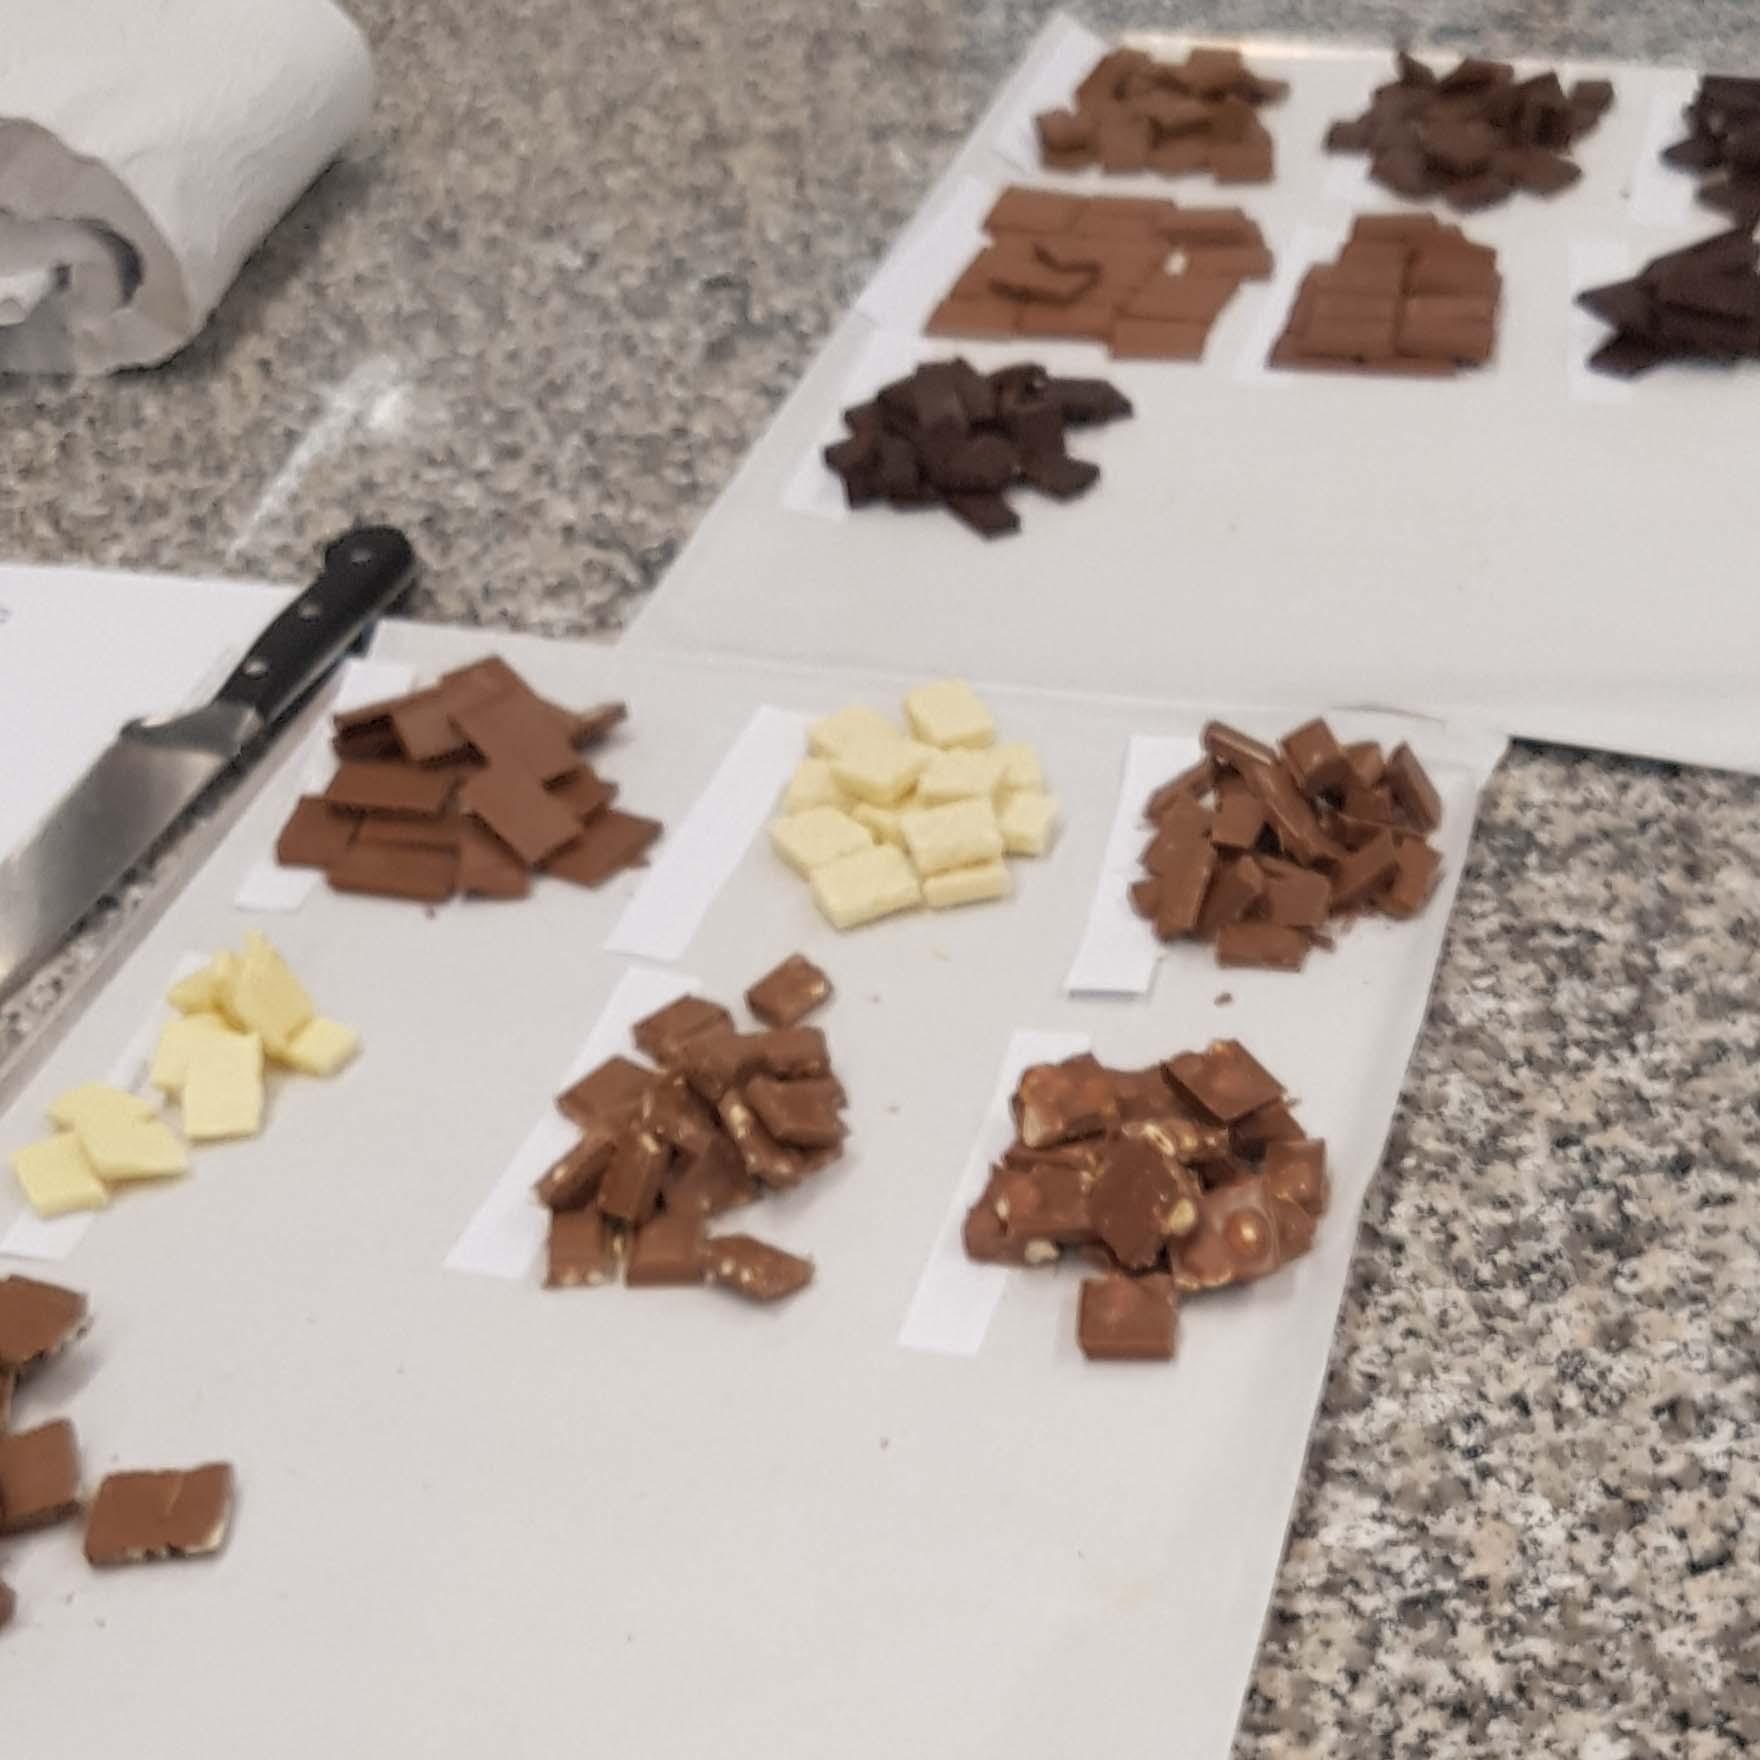 Betty - Endspurt in Richtung Schokoladen-Sommelière - Probieren und Studieren